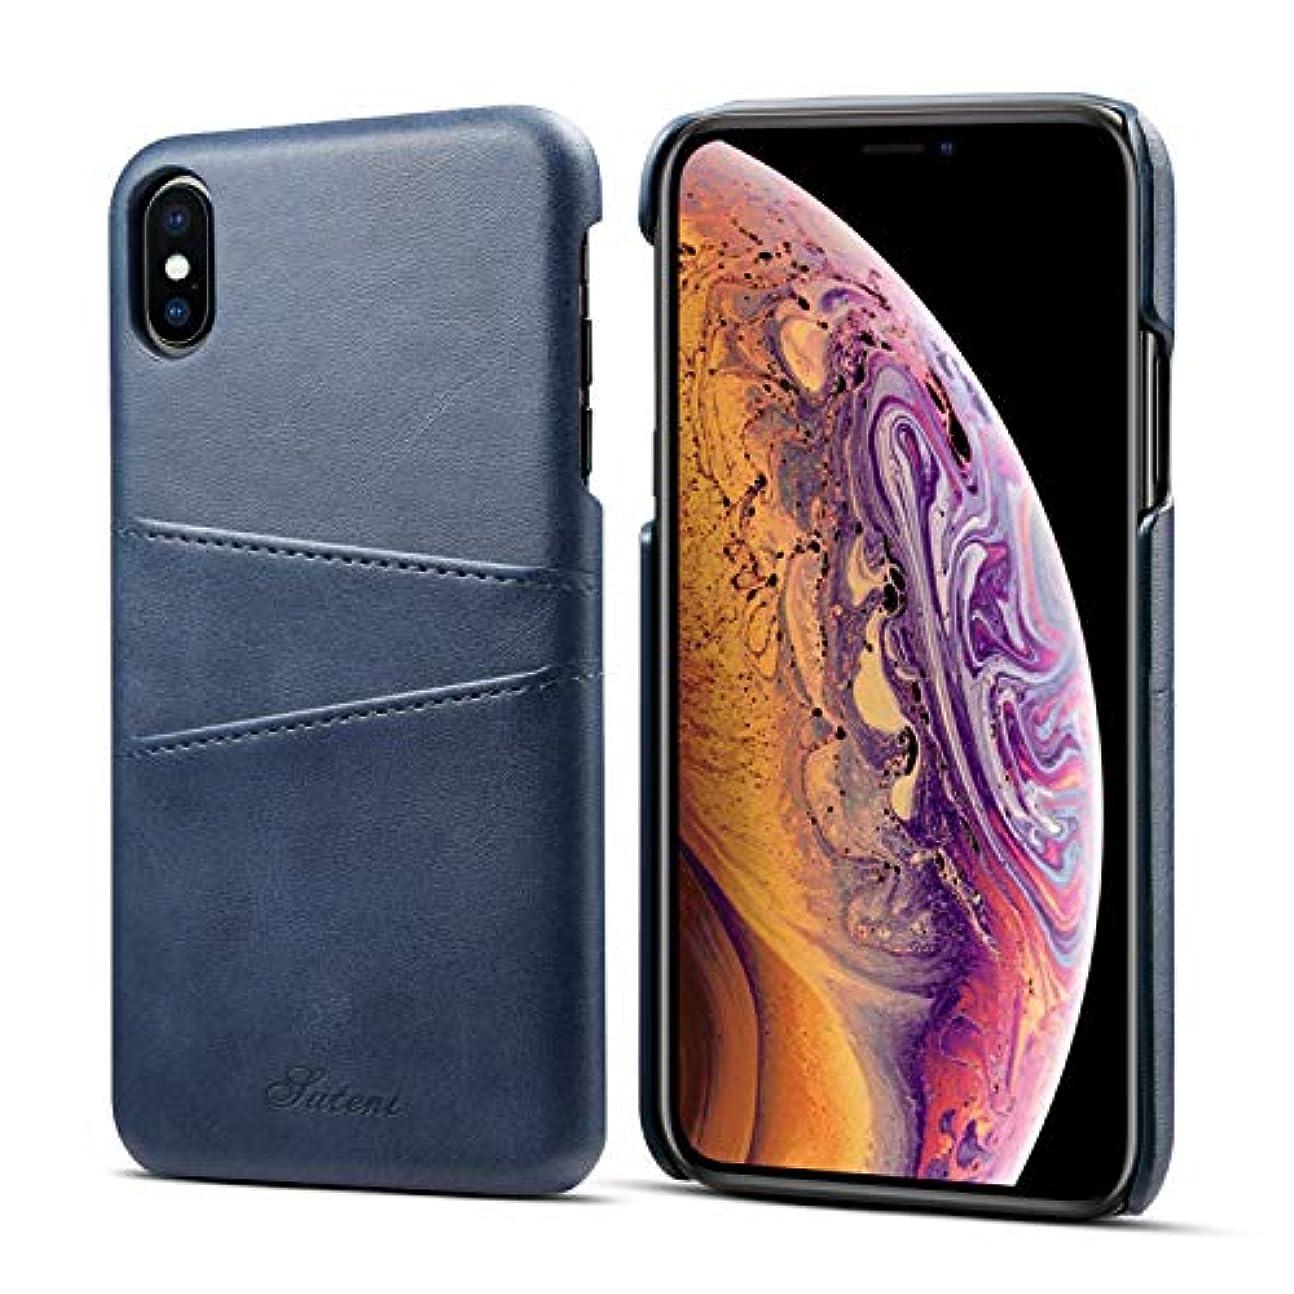 オーディションポット置くためにパックiPhone XS Maxのための財布ケース、カード/ IDホルダースロット付きtaStoneプレミアムPUレザー電話ケースカバー6.5インチiPhone XS Maxのための軽量クラシックスタイルスリム保護スクリーンケース...